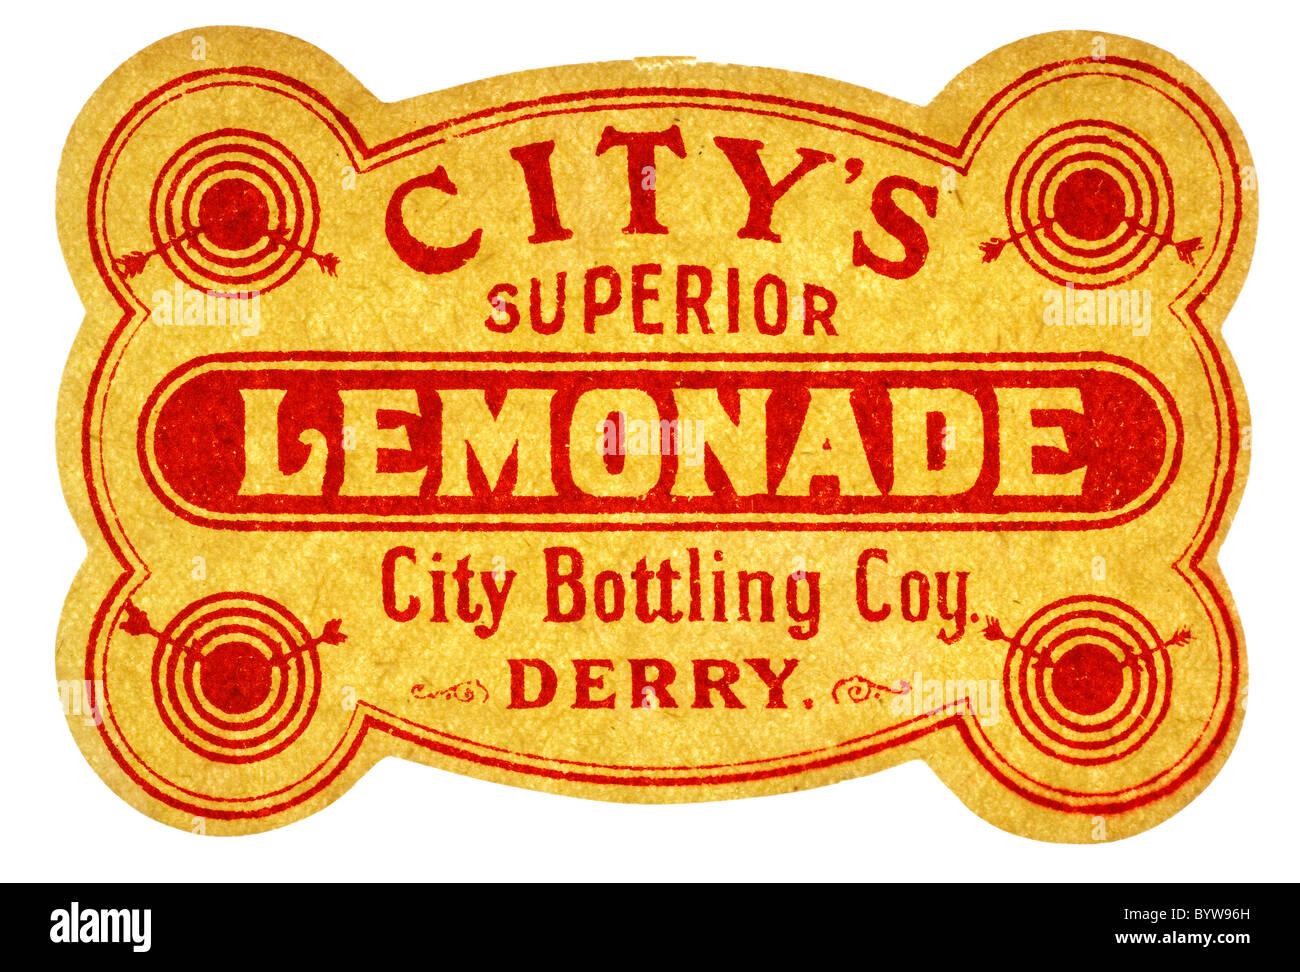 Alte Papier Pop Label Fur Superior Limonade Aus Abfullung Coy Derry